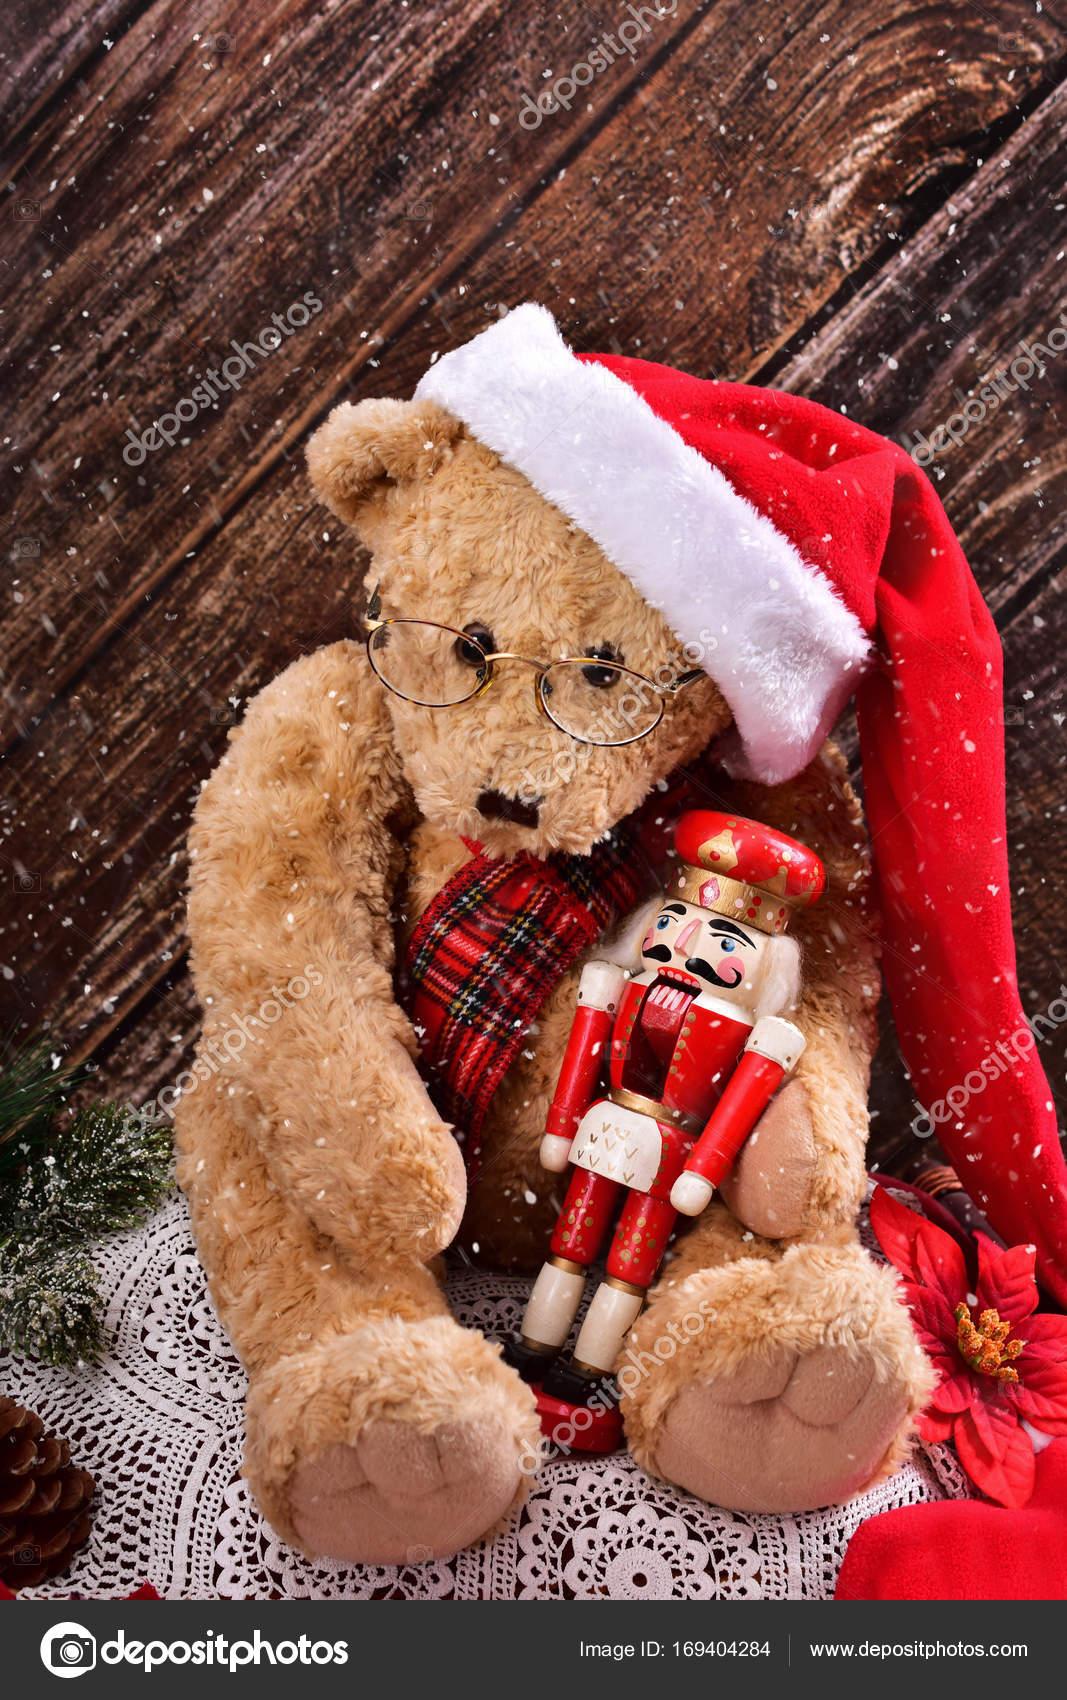 Teddy Weihnachten.Weihnachten Teddy Bear Mit Vintage Nussknacker Stockfoto